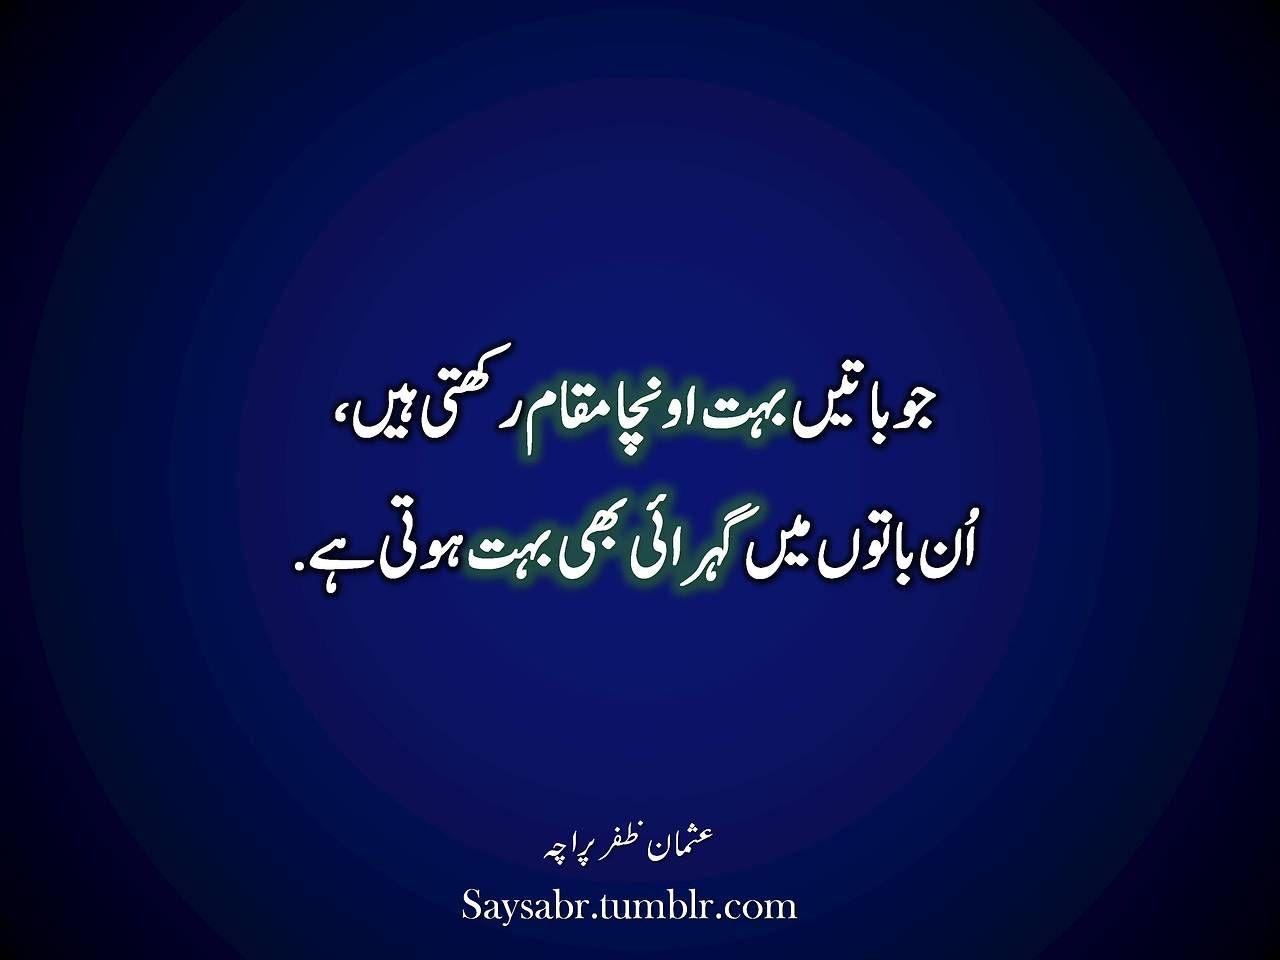 #Mehshar Insan ki zubaan jhoot nahin bolti, Insan jhoot ...